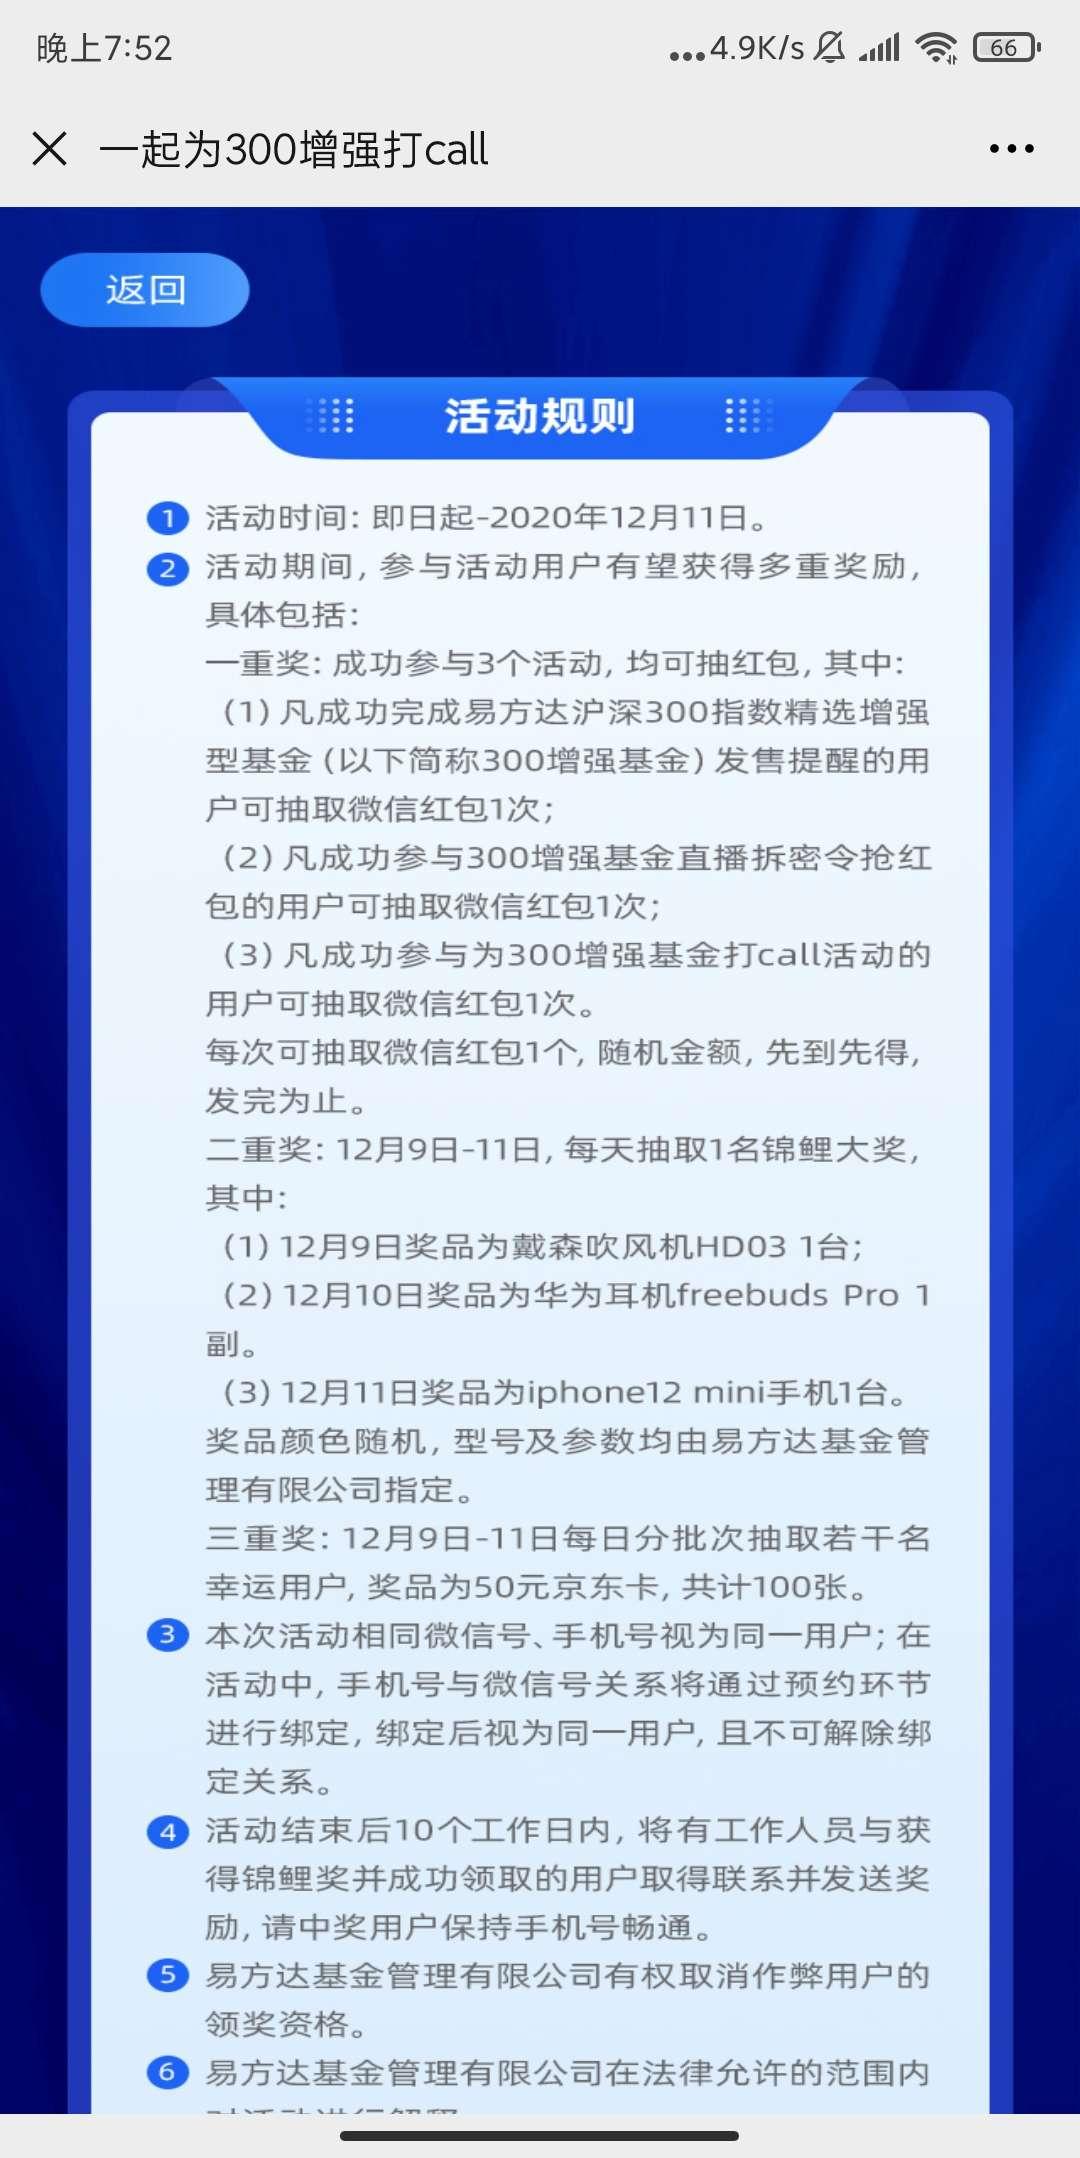 【现金活动】易方达基金打call抽红包-聚合资源网